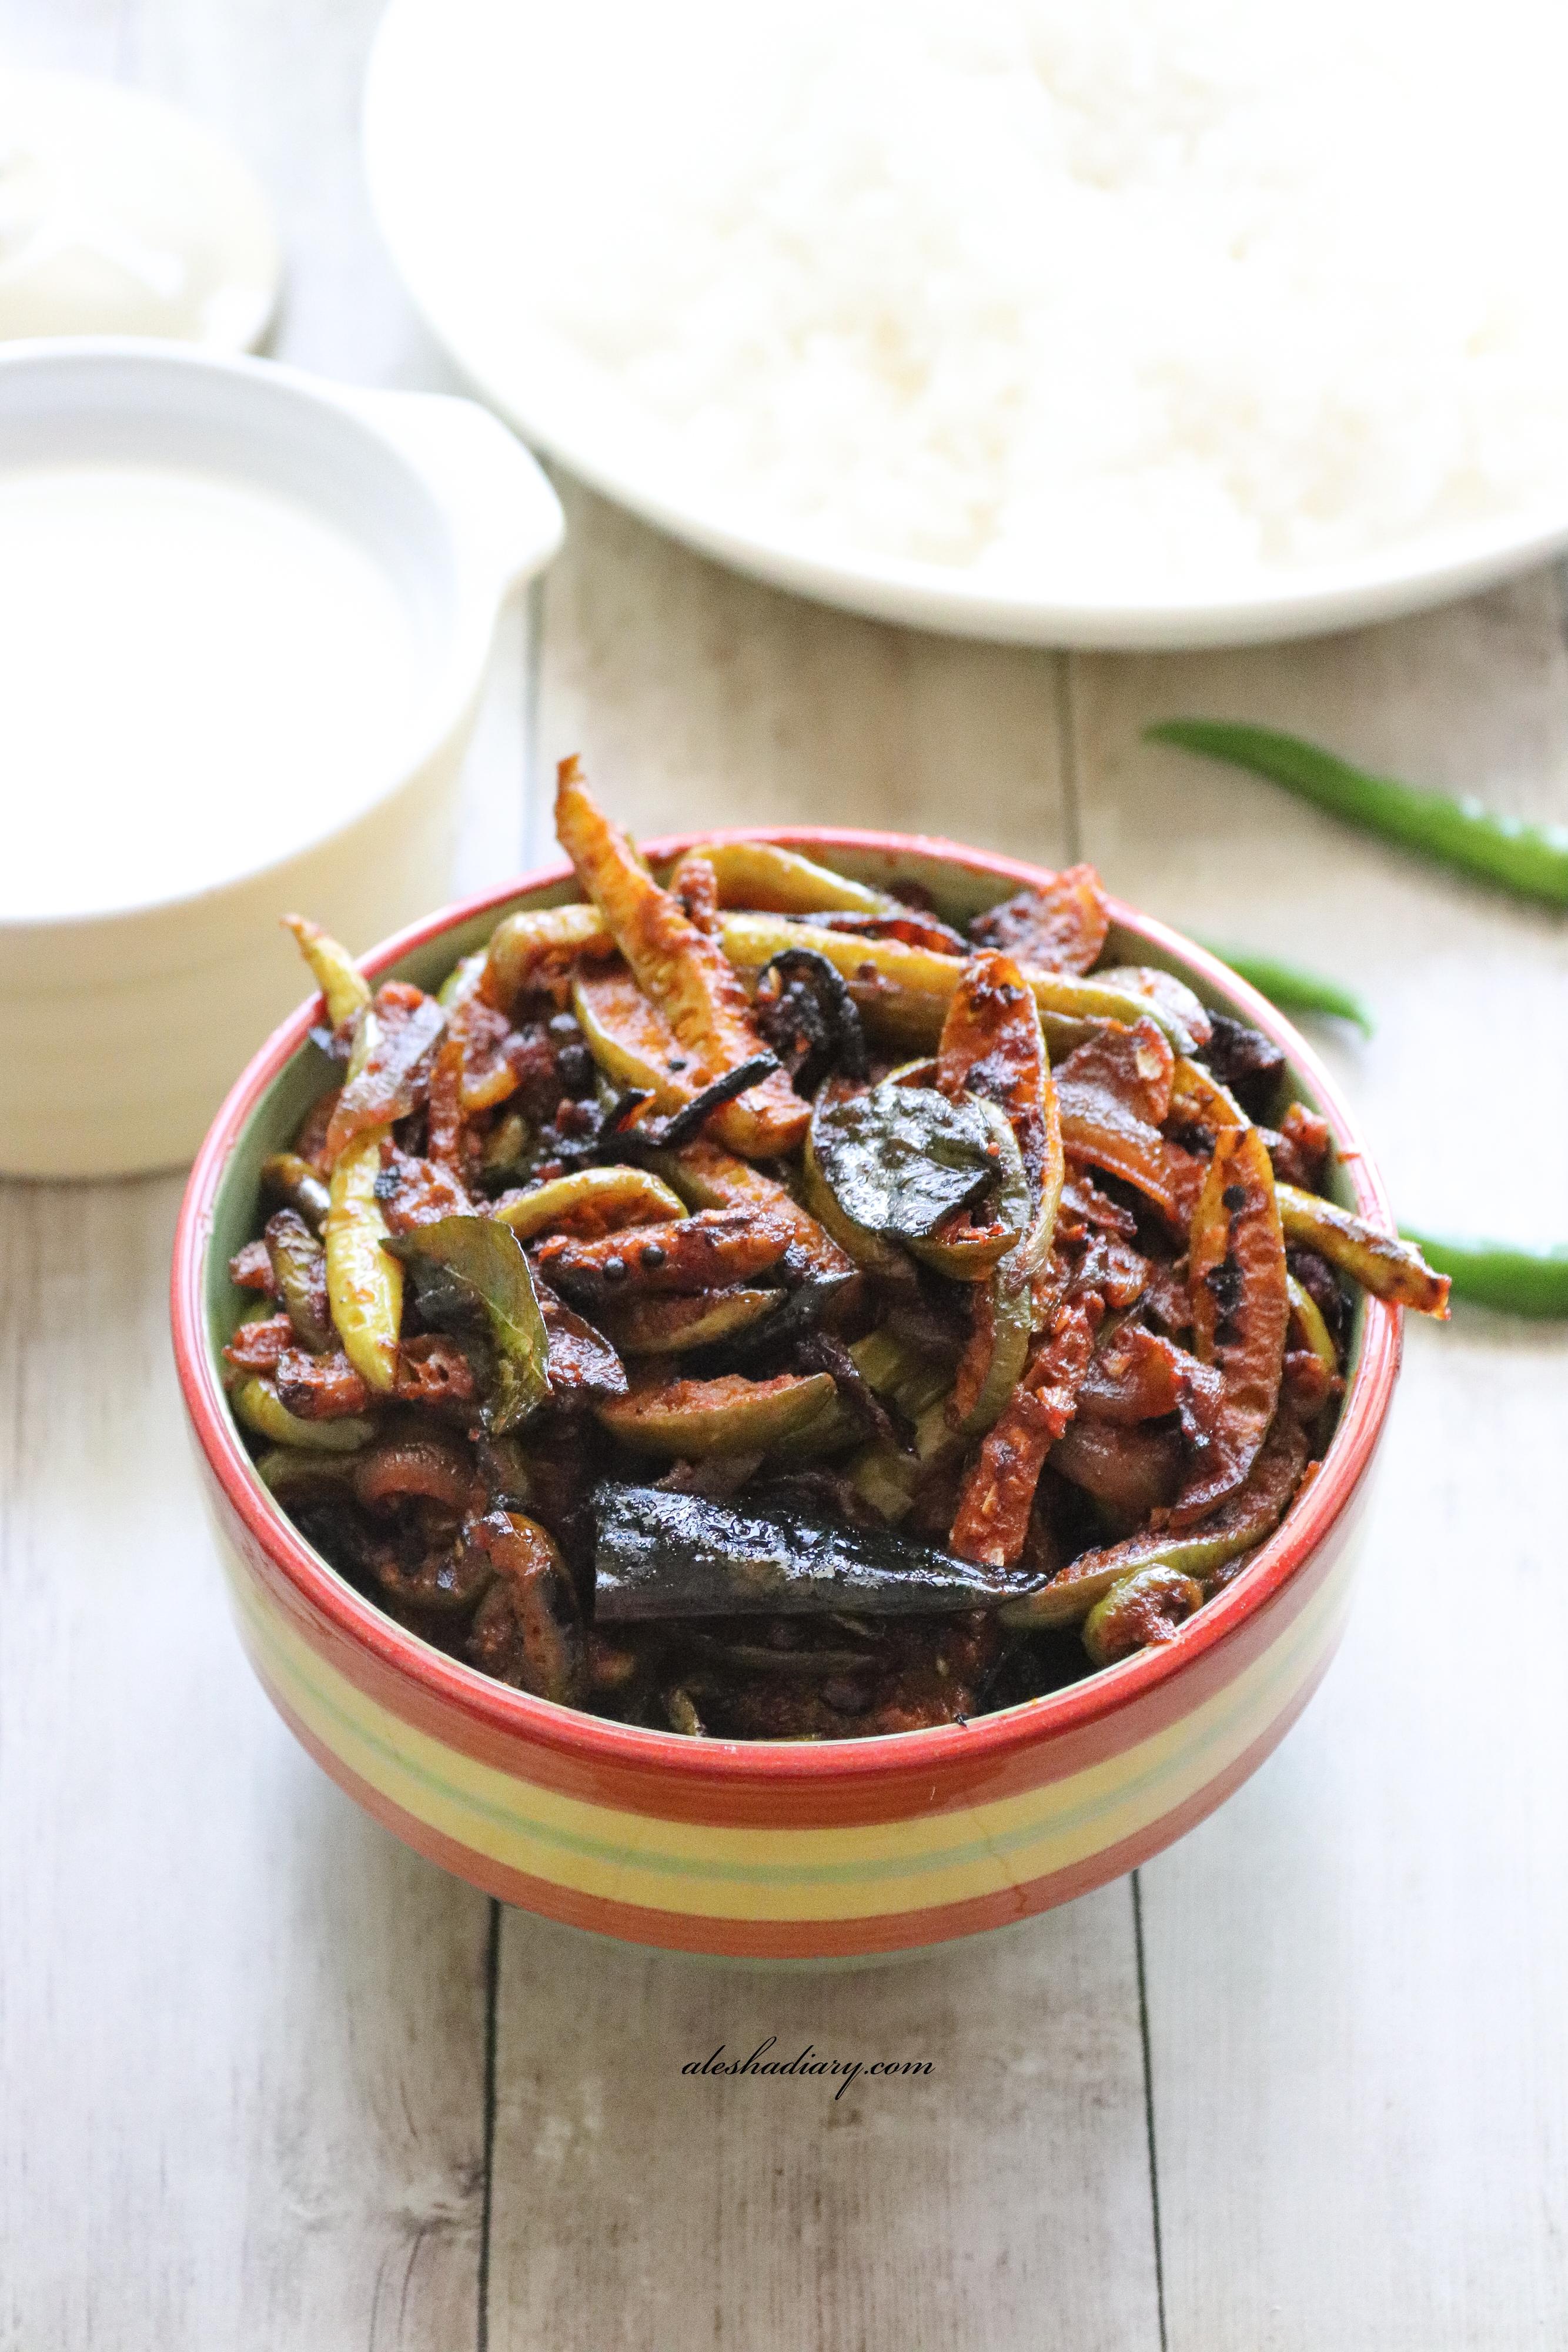 Spicy Kovakkai Poriyal – Spicy Ivy gourd(Tindora) stir-fry